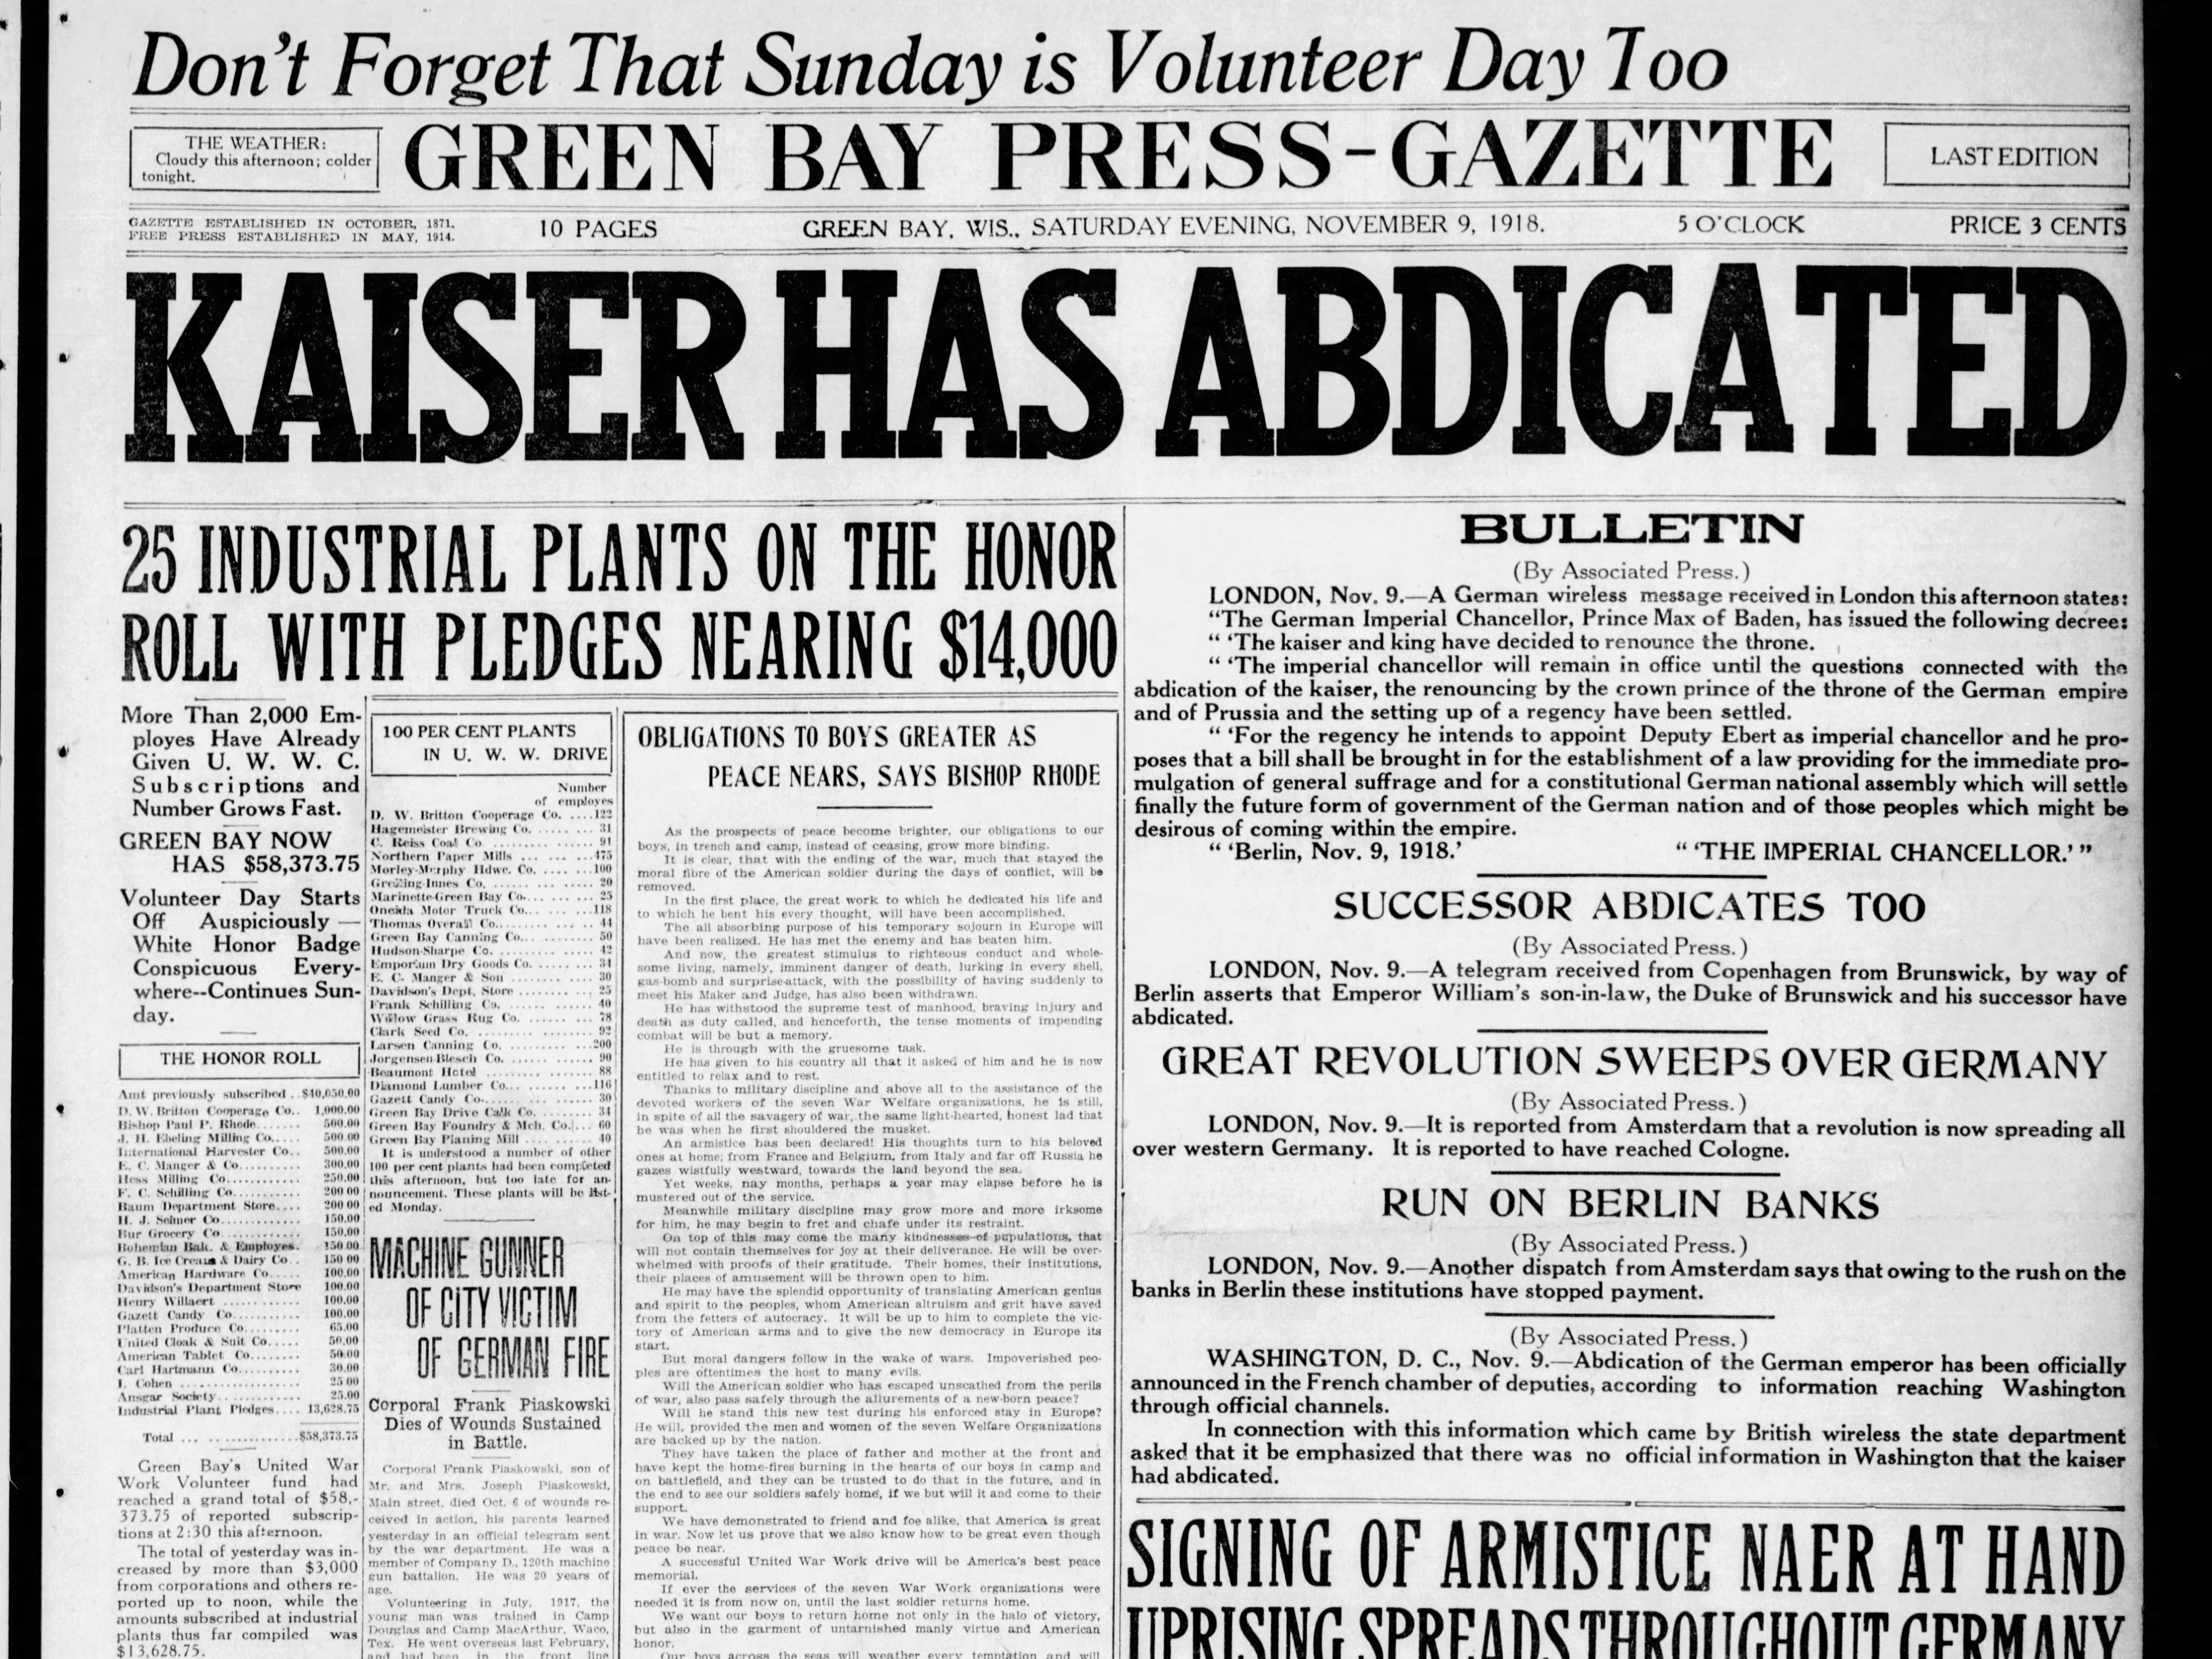 Today in History: Nov. 9, 1918